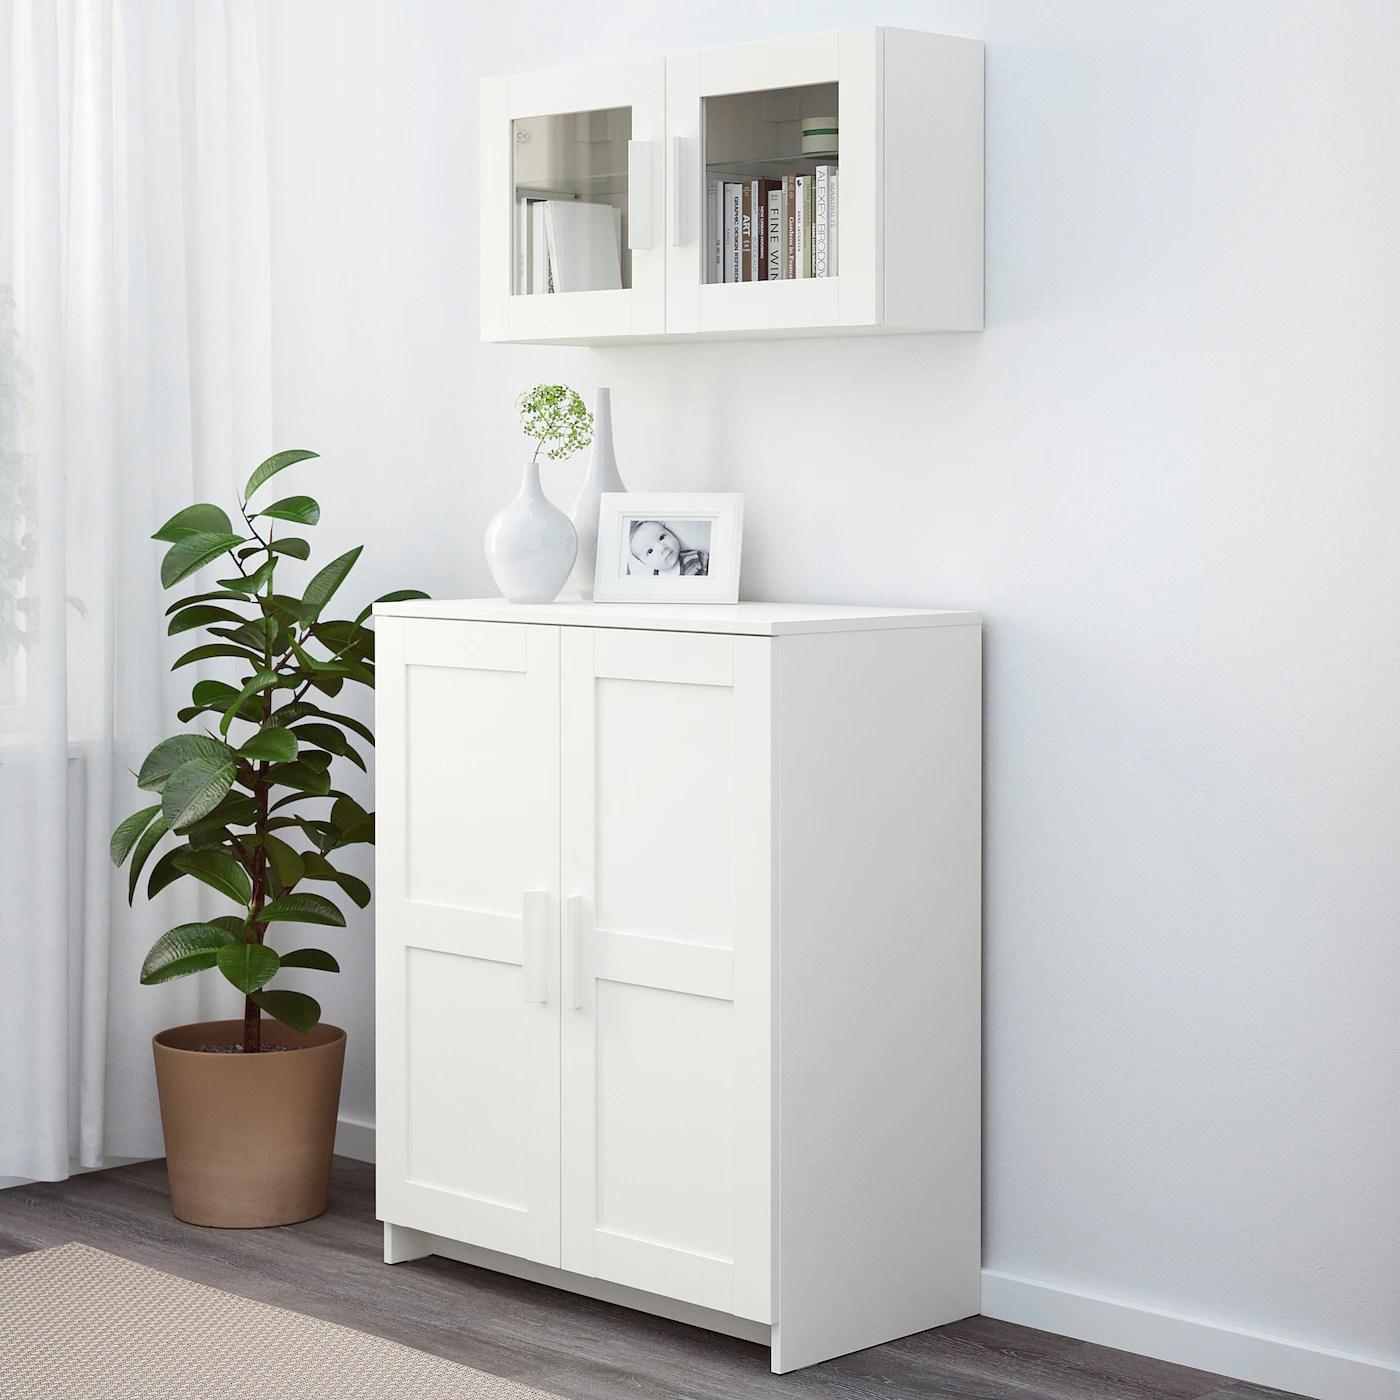 BRIMNES Schrank mit Türen   weiß   IKEA Deutschland